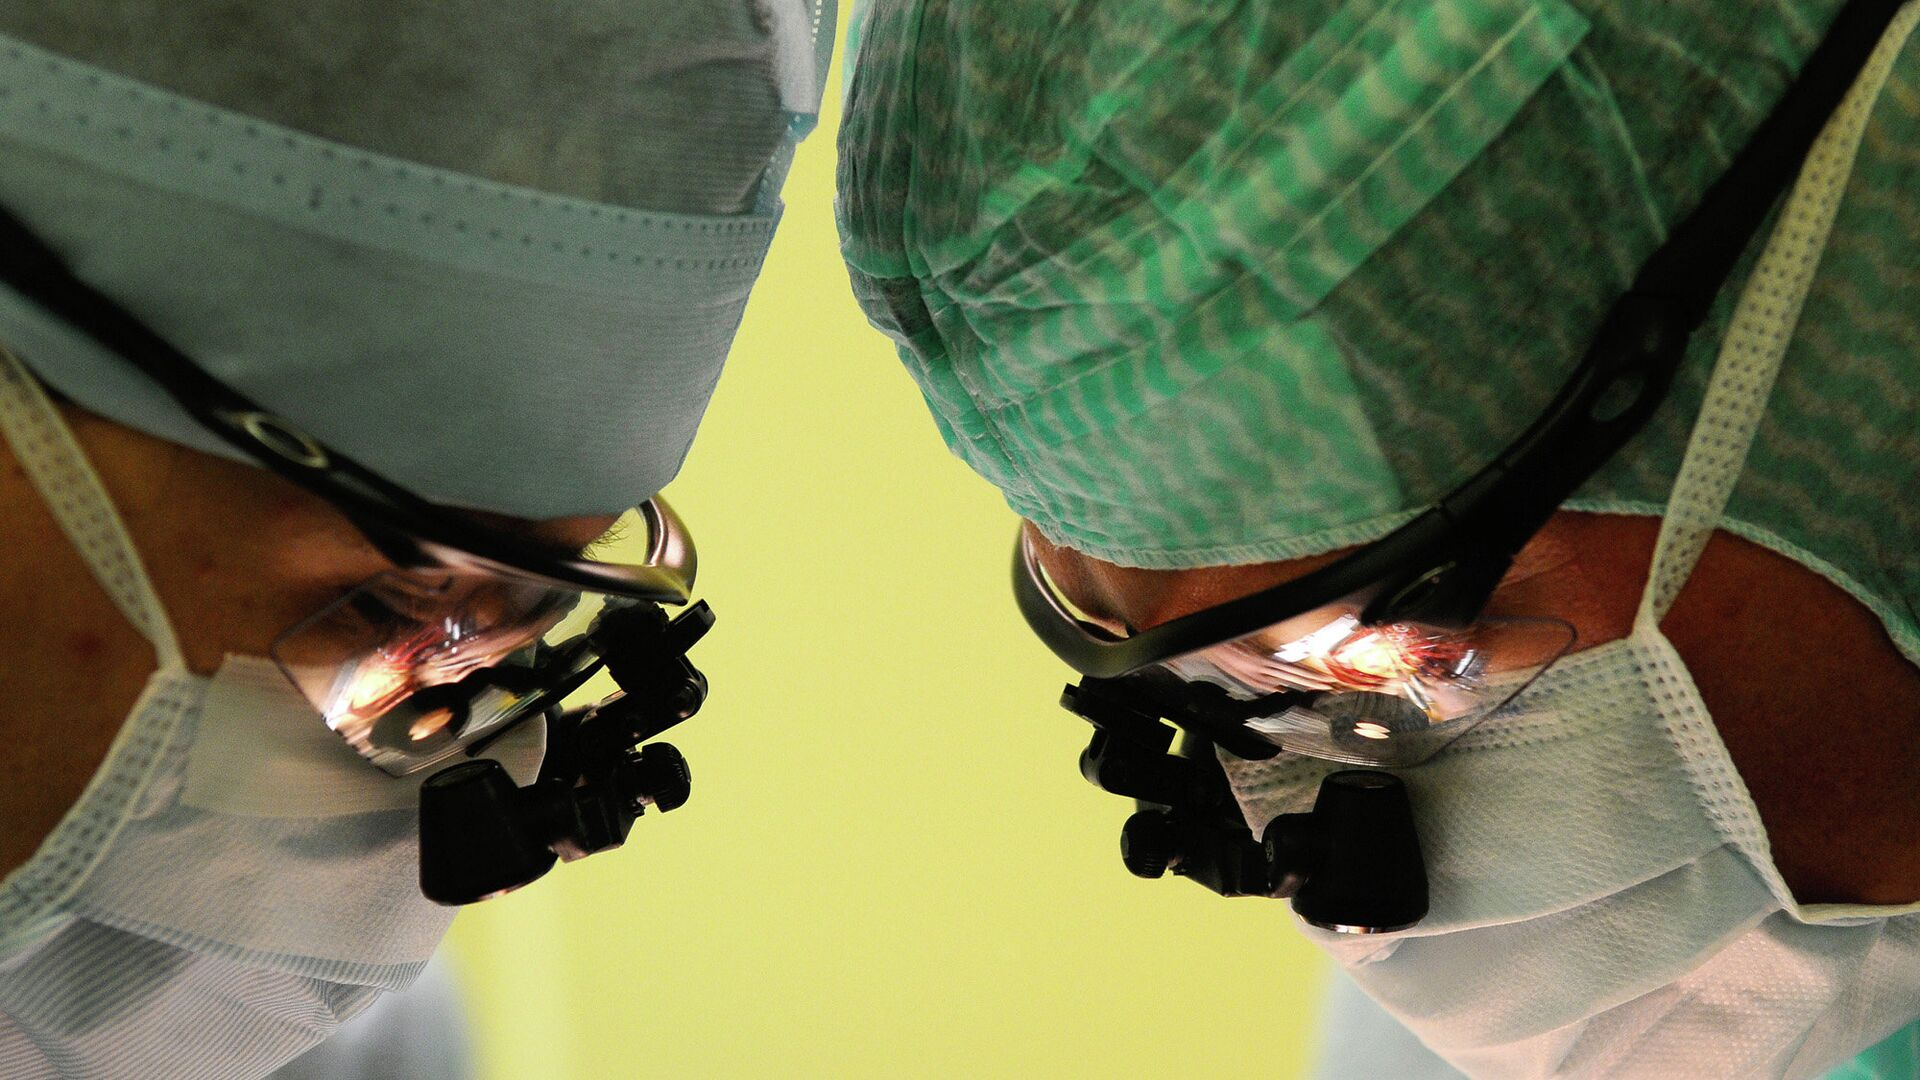 Хабаровские врачи впервые провели операцию на мозге пациента с эпилепсией